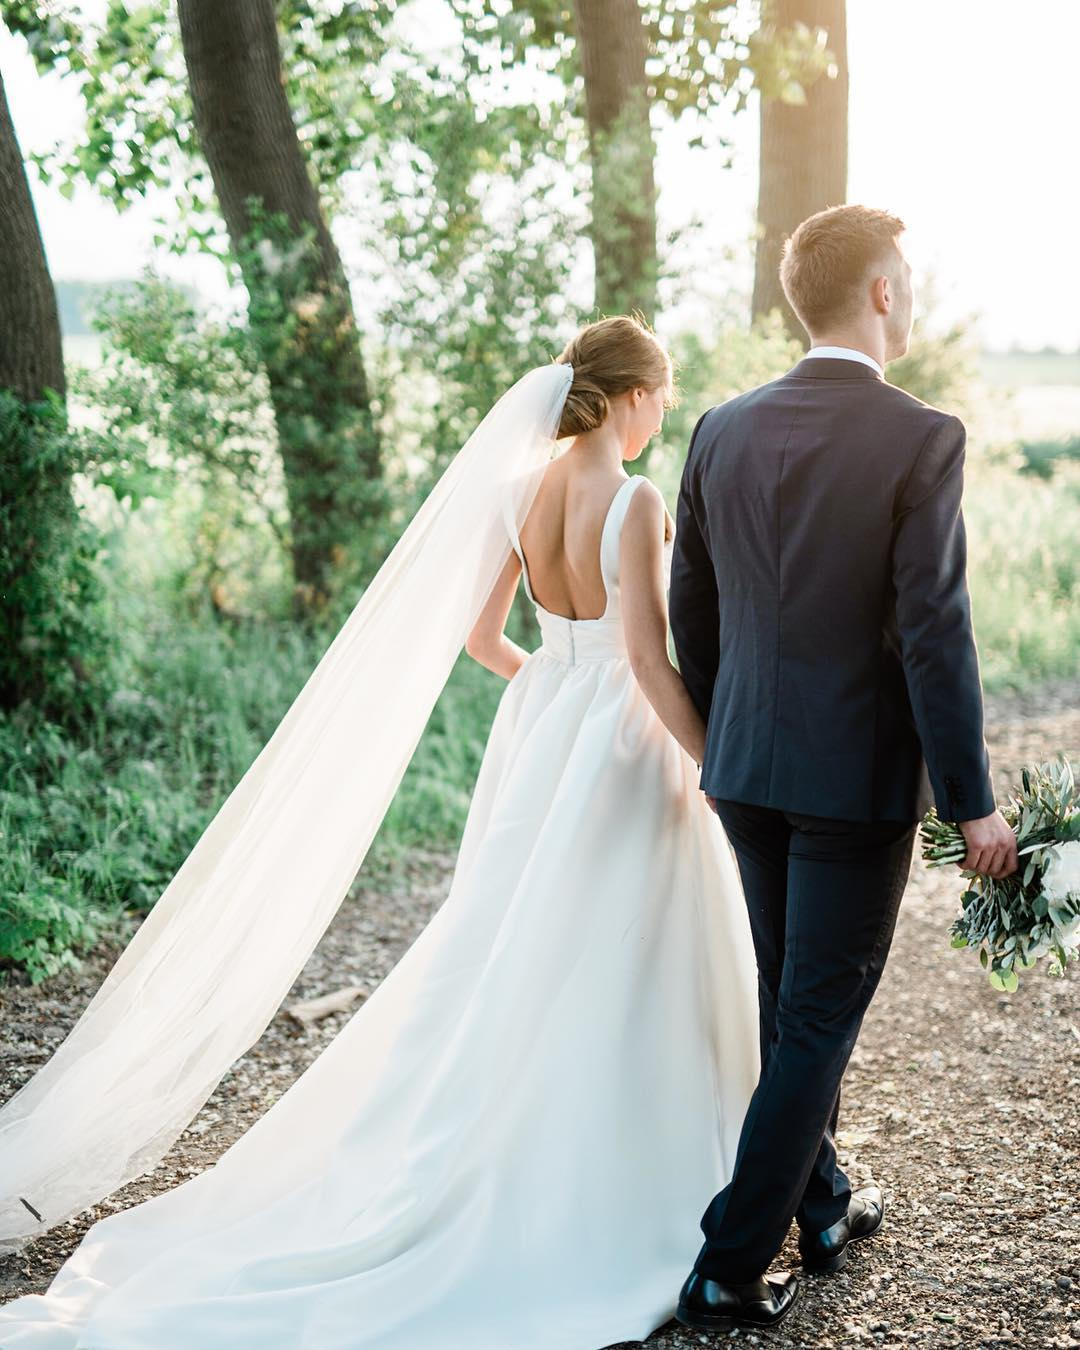 Ha az esküvődhöz keresel inspirációt